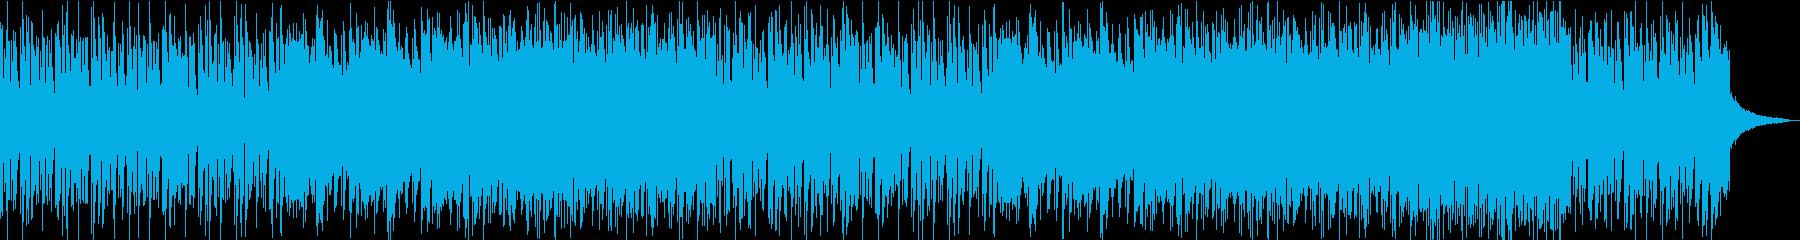 ピアノトリオによるパンチの効いたロックの再生済みの波形